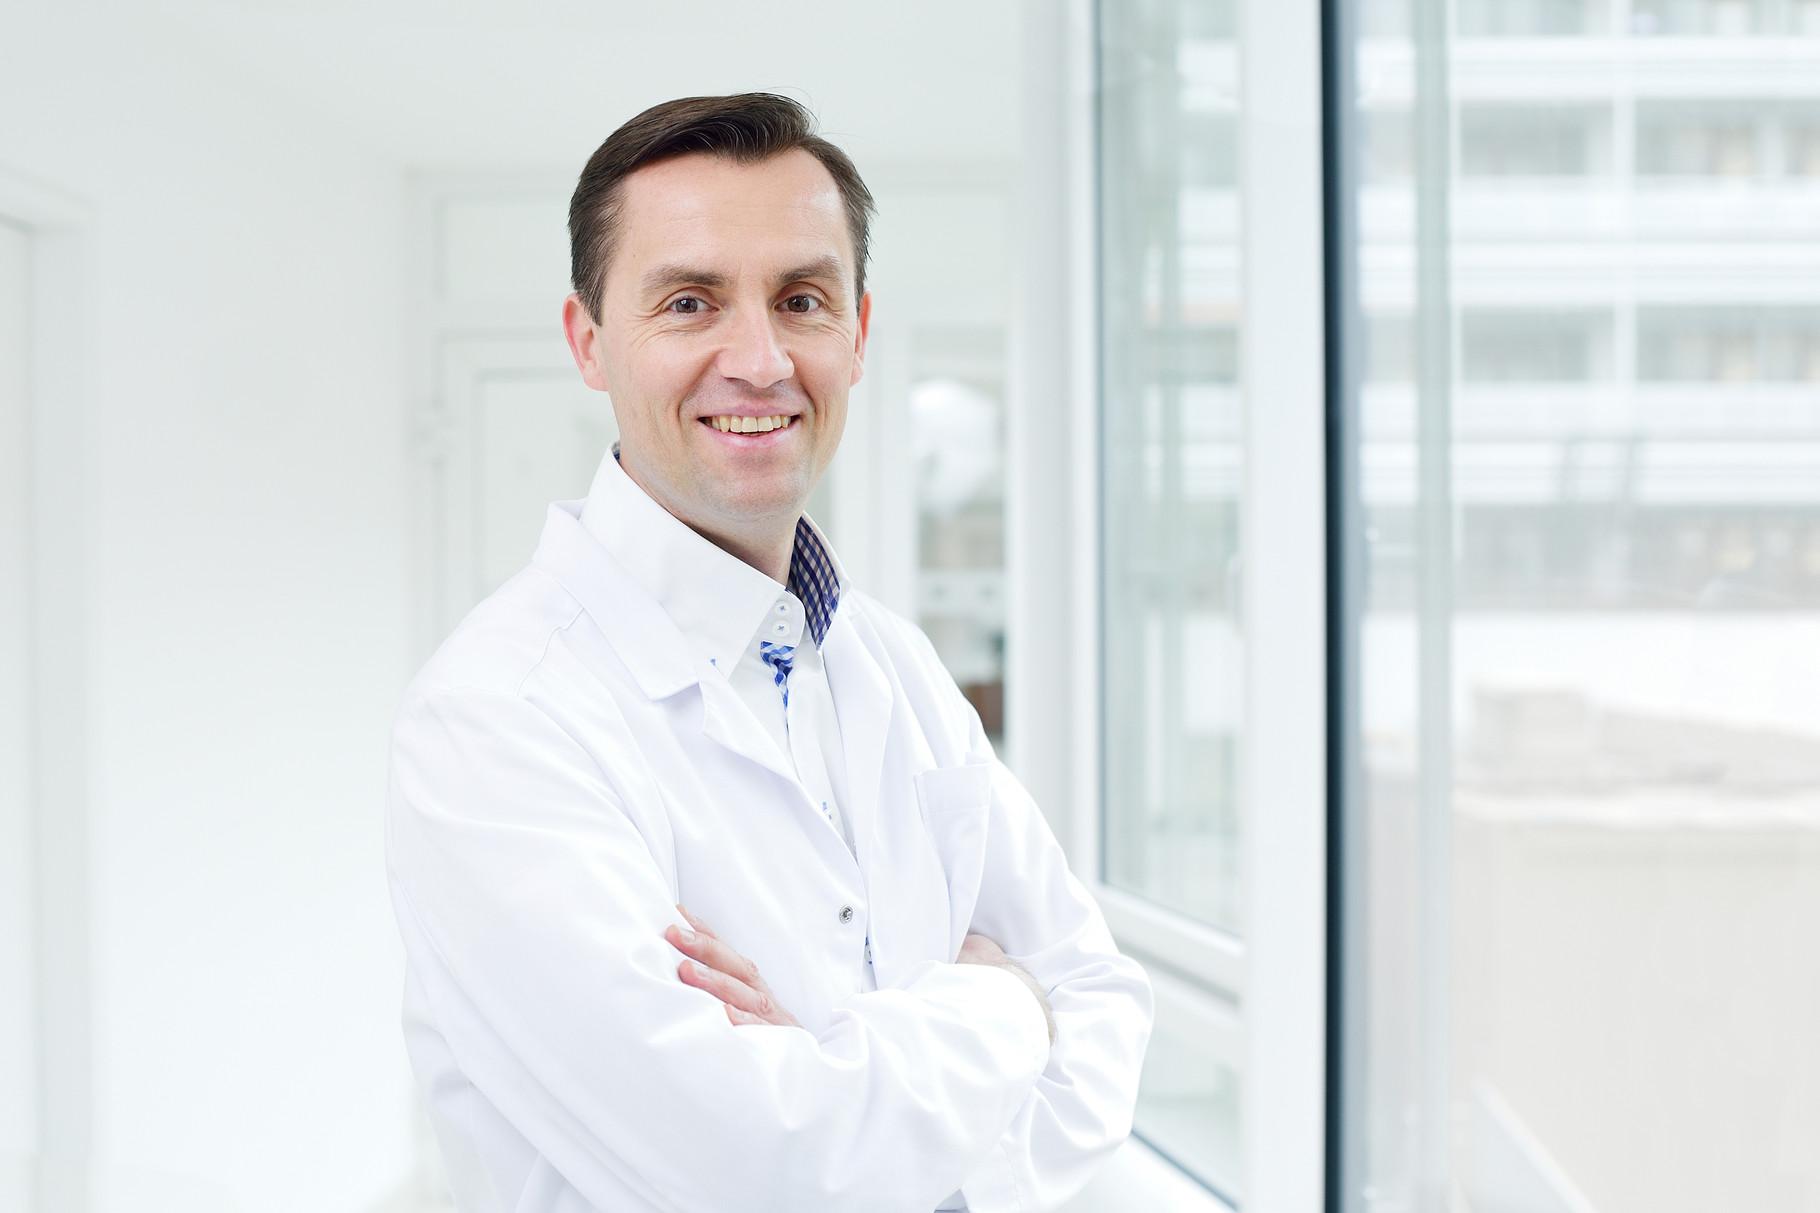 Orthopäde in Gmunden am Traunsee - Ordination Dr. Boris Poschusta